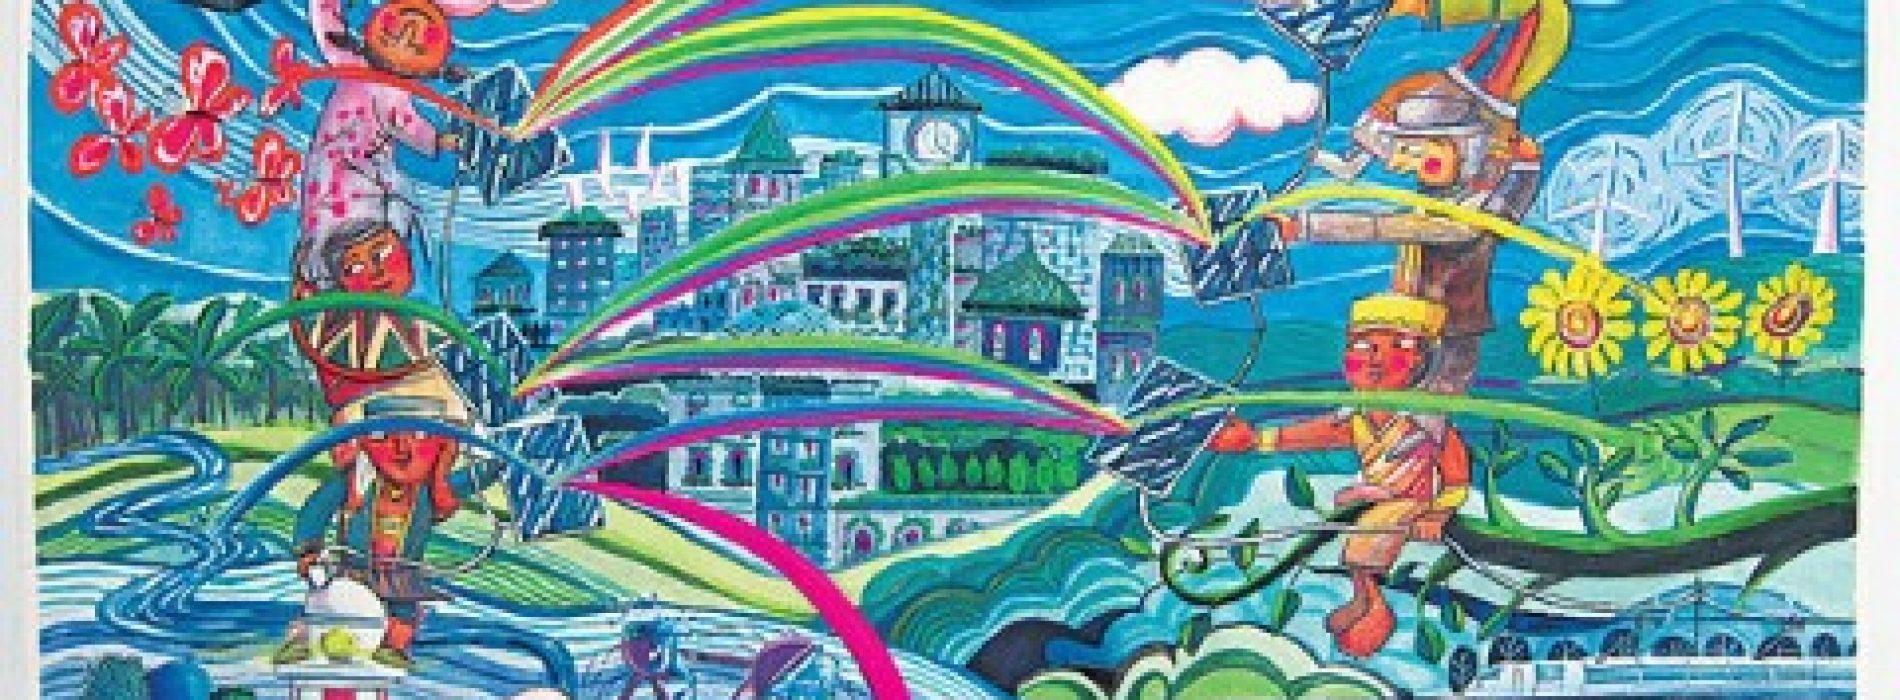 港3小畫家揚威 作品全球宣環保